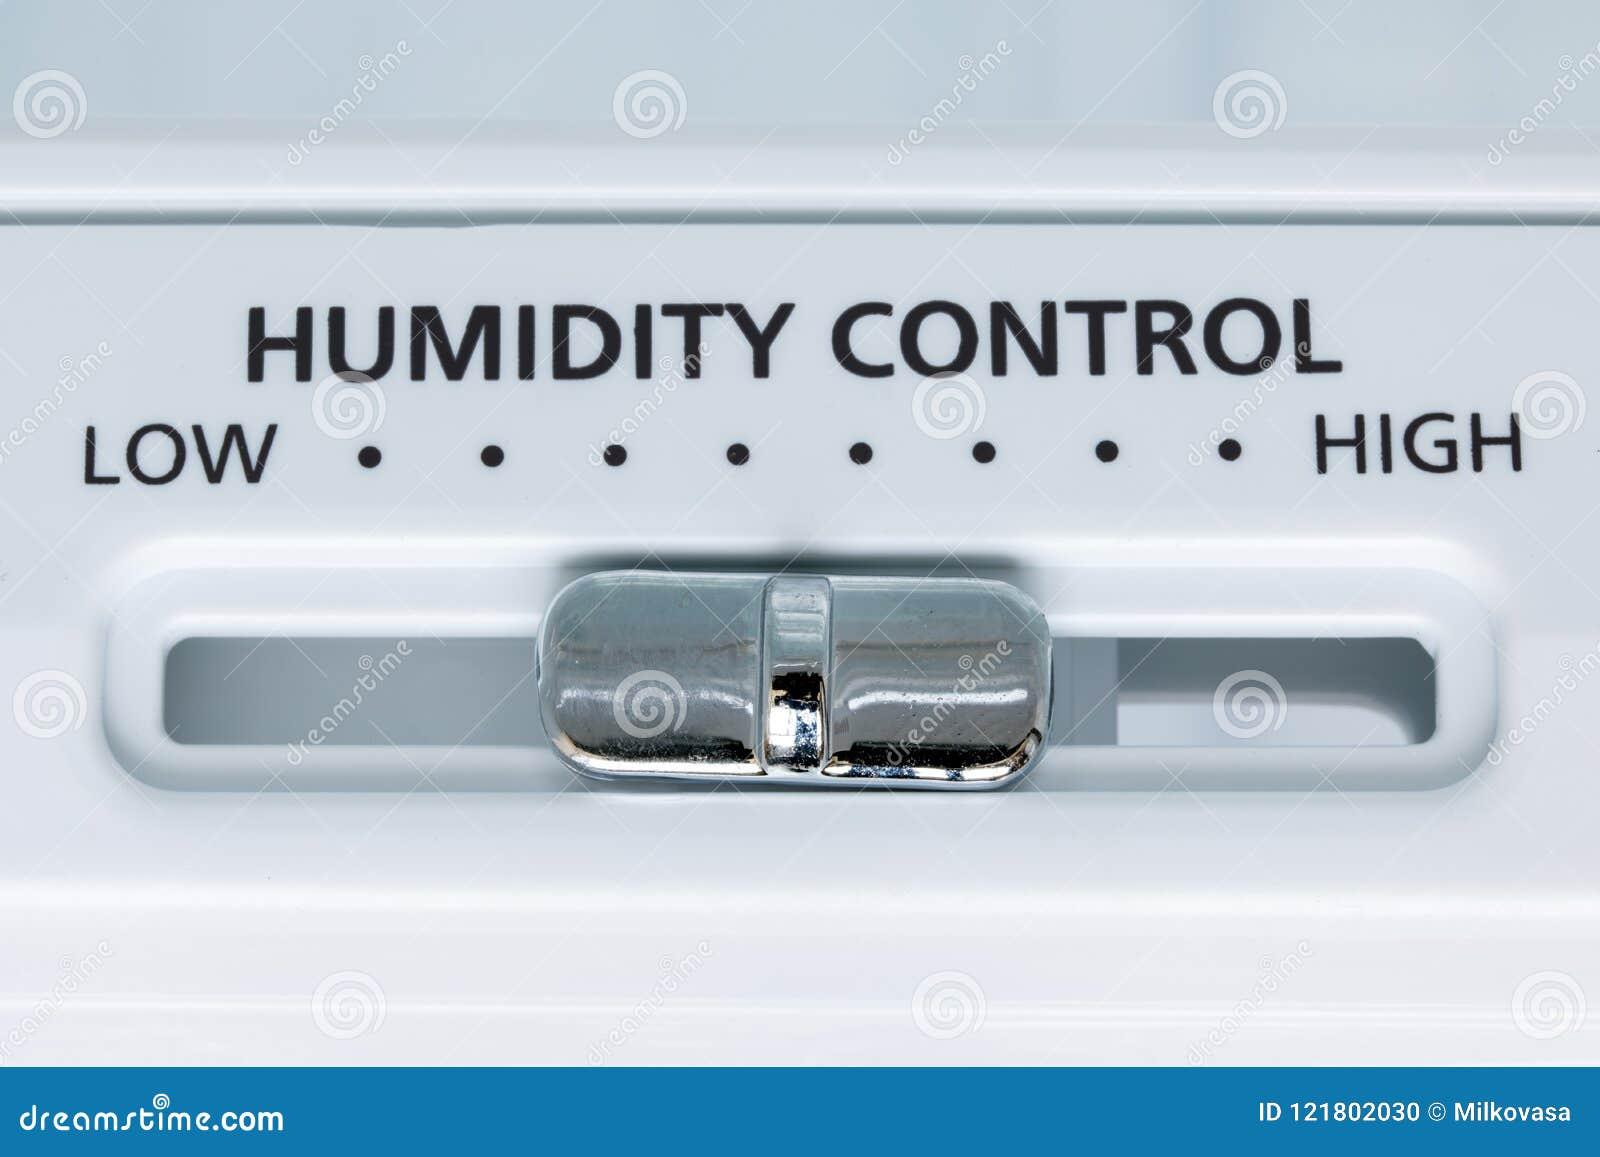 Eine Steuerung der Feuchtigkeit im Kühlschrank, Großaufnahme